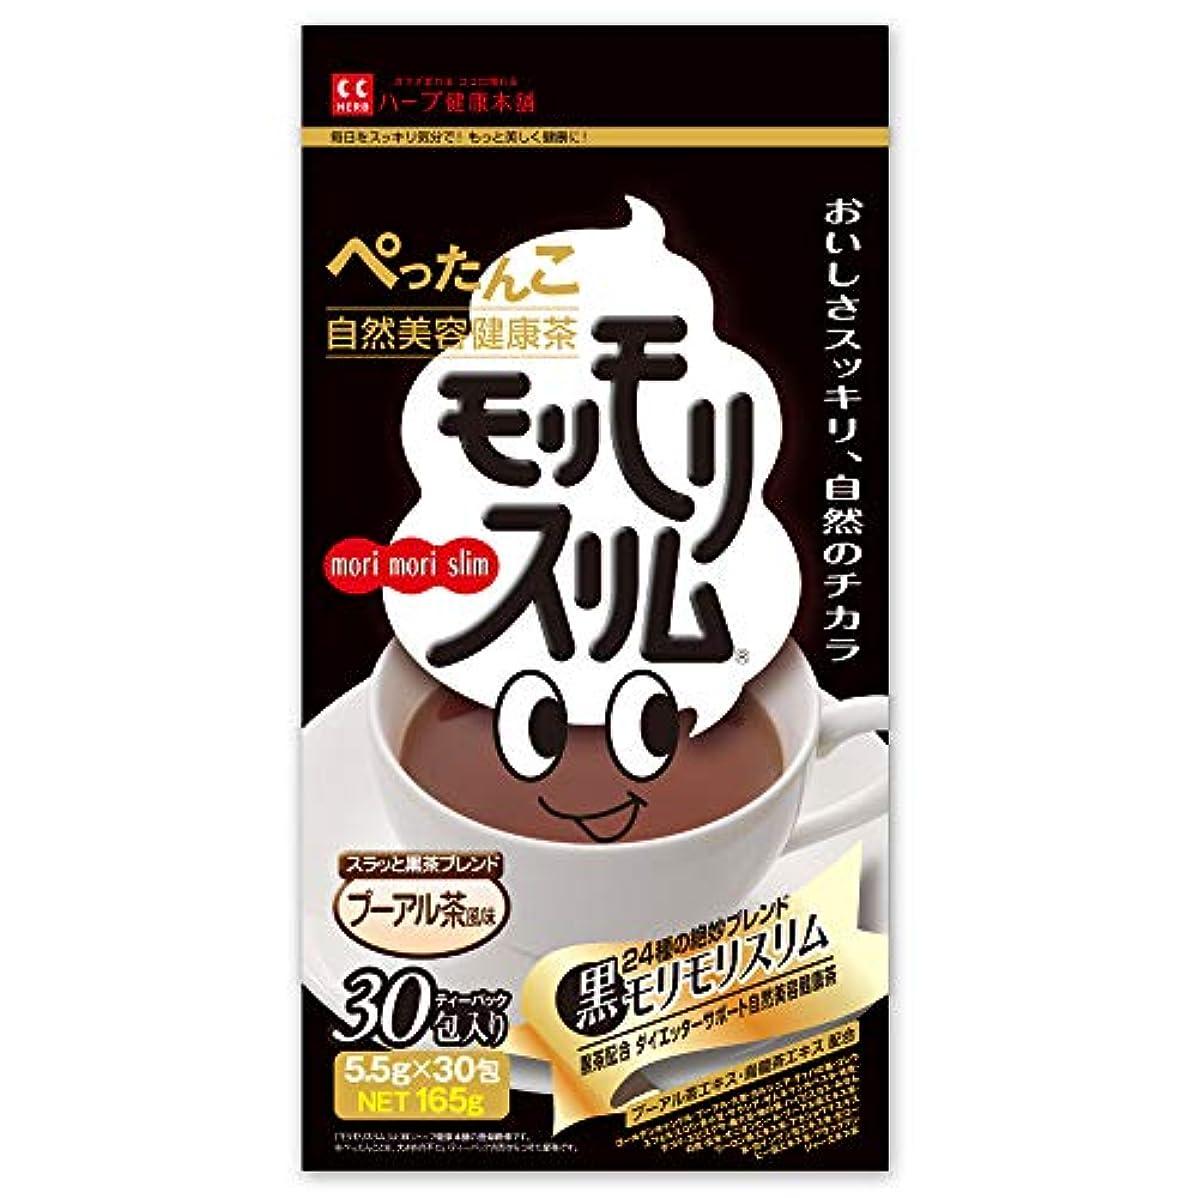 ギャラントリー楽観満足ハーブ健康本舗 黒モリモリスリム(プーアル茶風味) (30包)